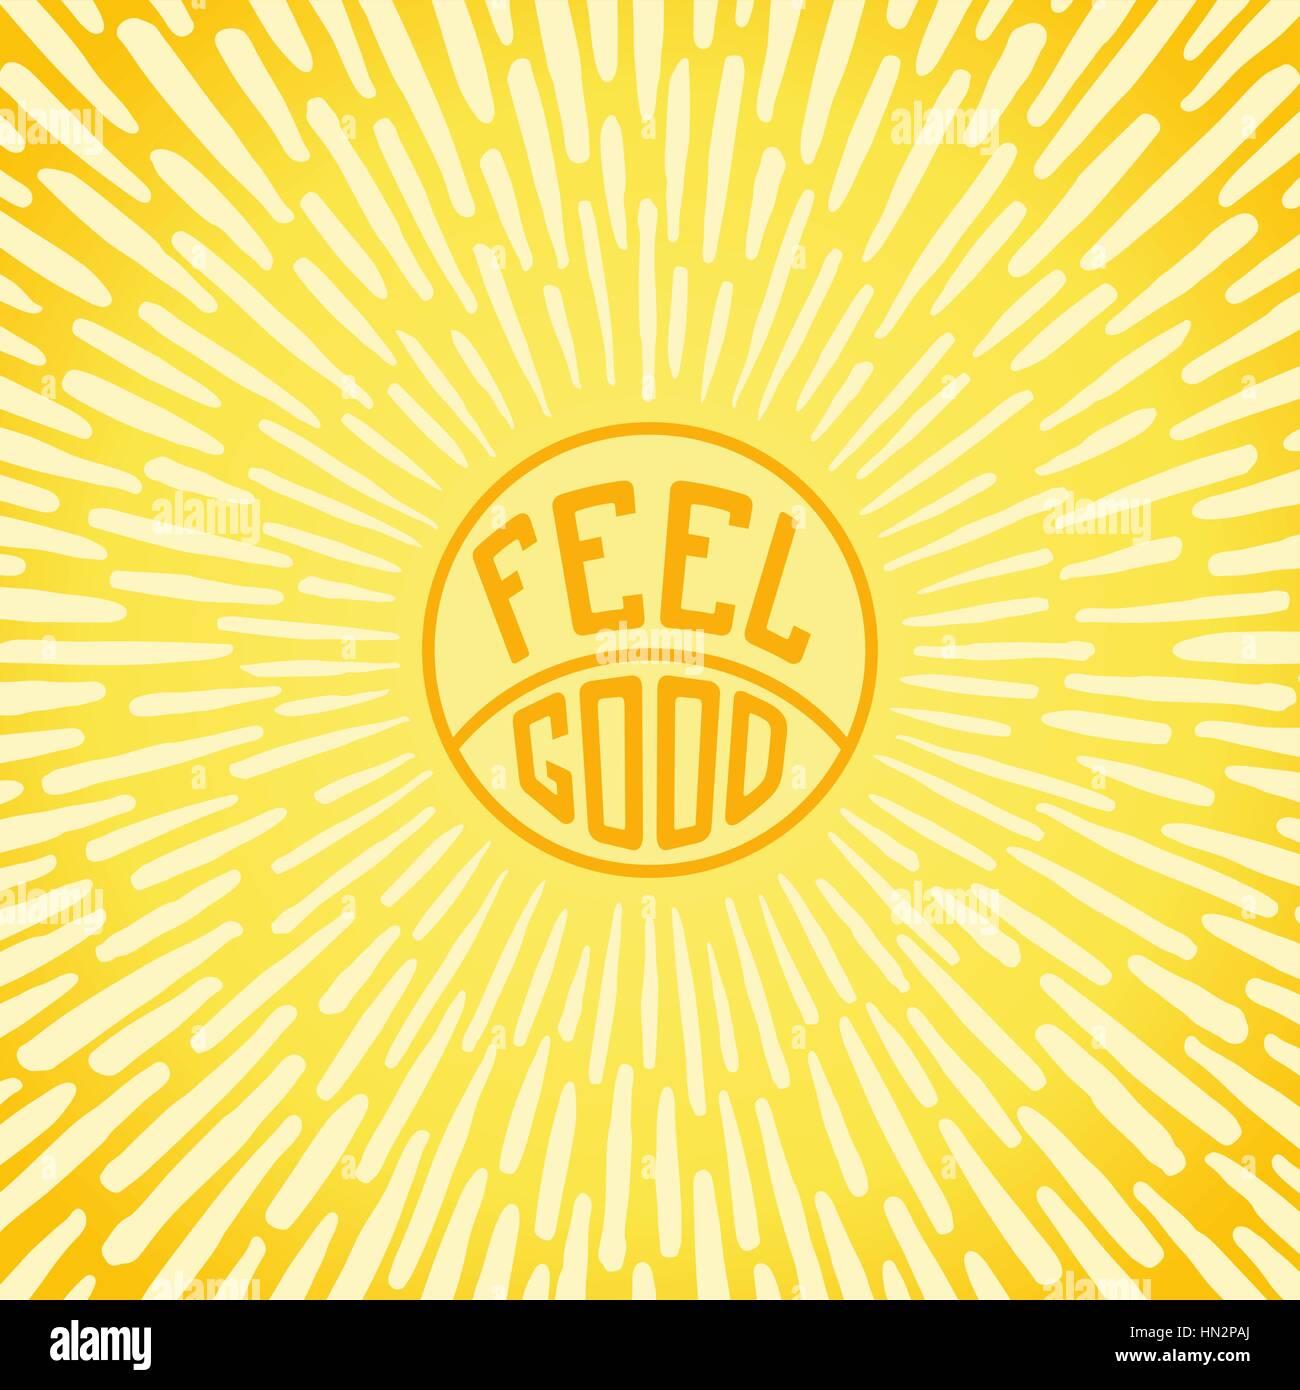 Sentirse bien. Póster positivo radialmente con rayos de sol. Ilustración vectorial Imagen De Stock